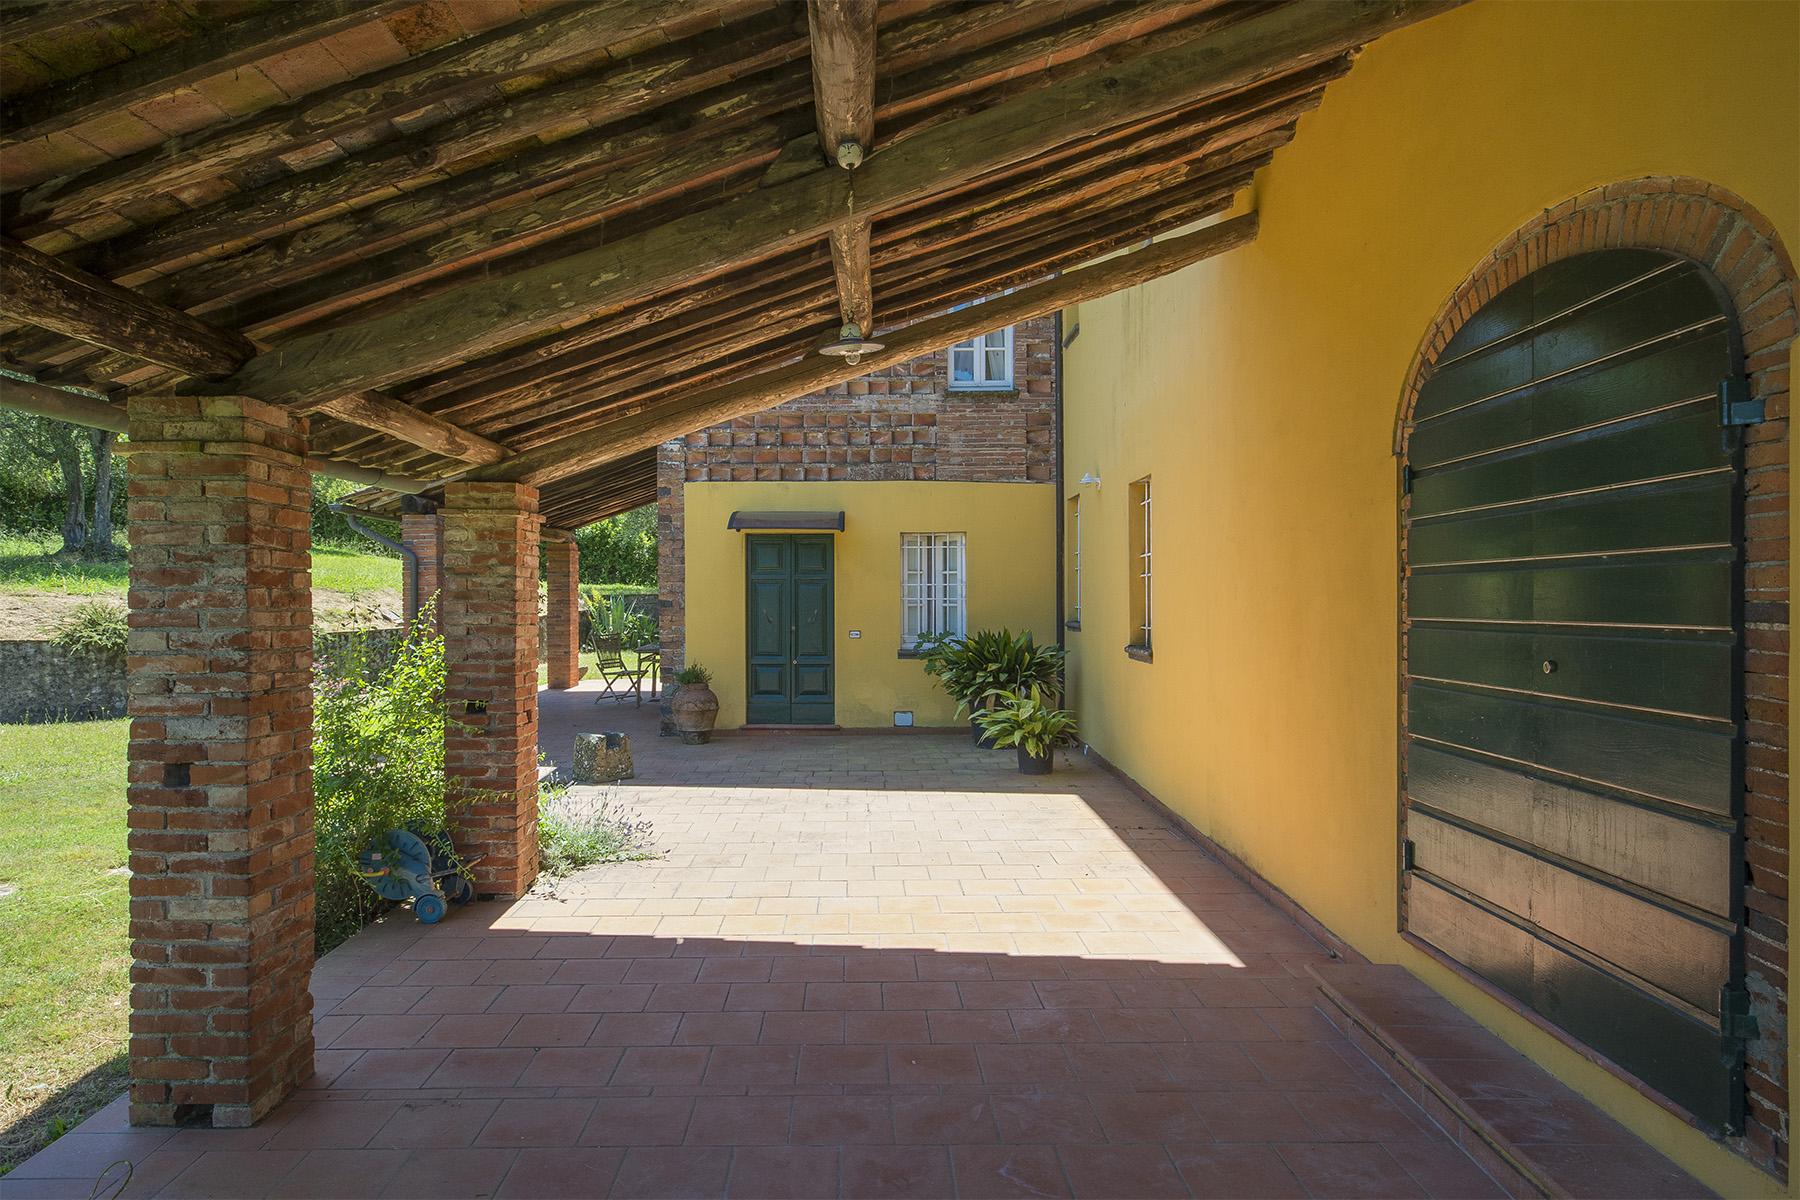 Rustico in Vendita a Capannori: 5 locali, 400 mq - Foto 15